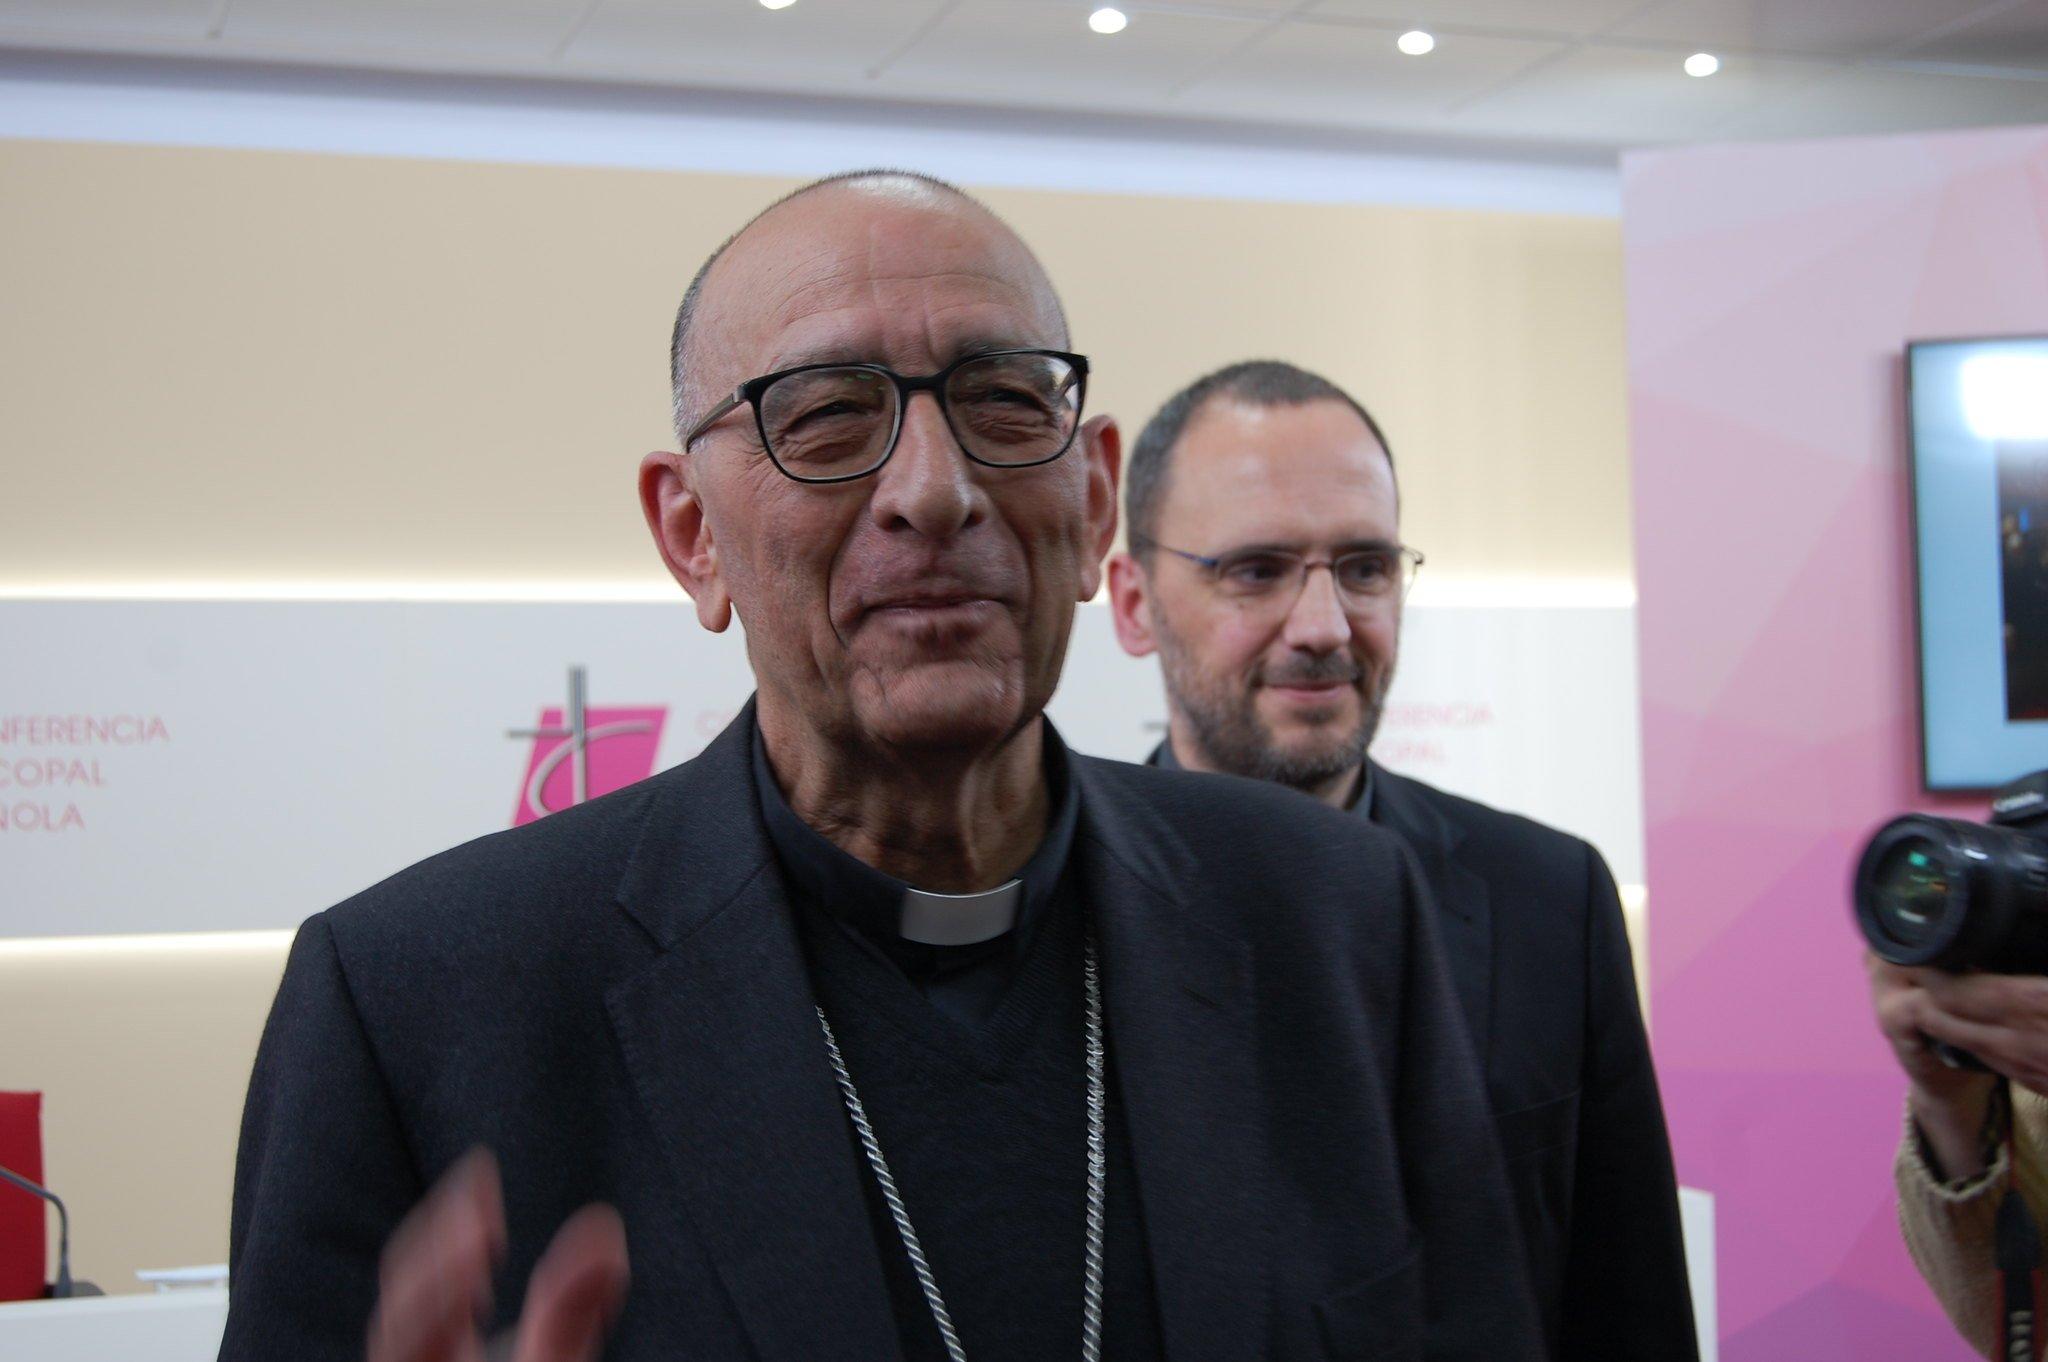 El arzobispo Omella, presidente de los obispos españoles